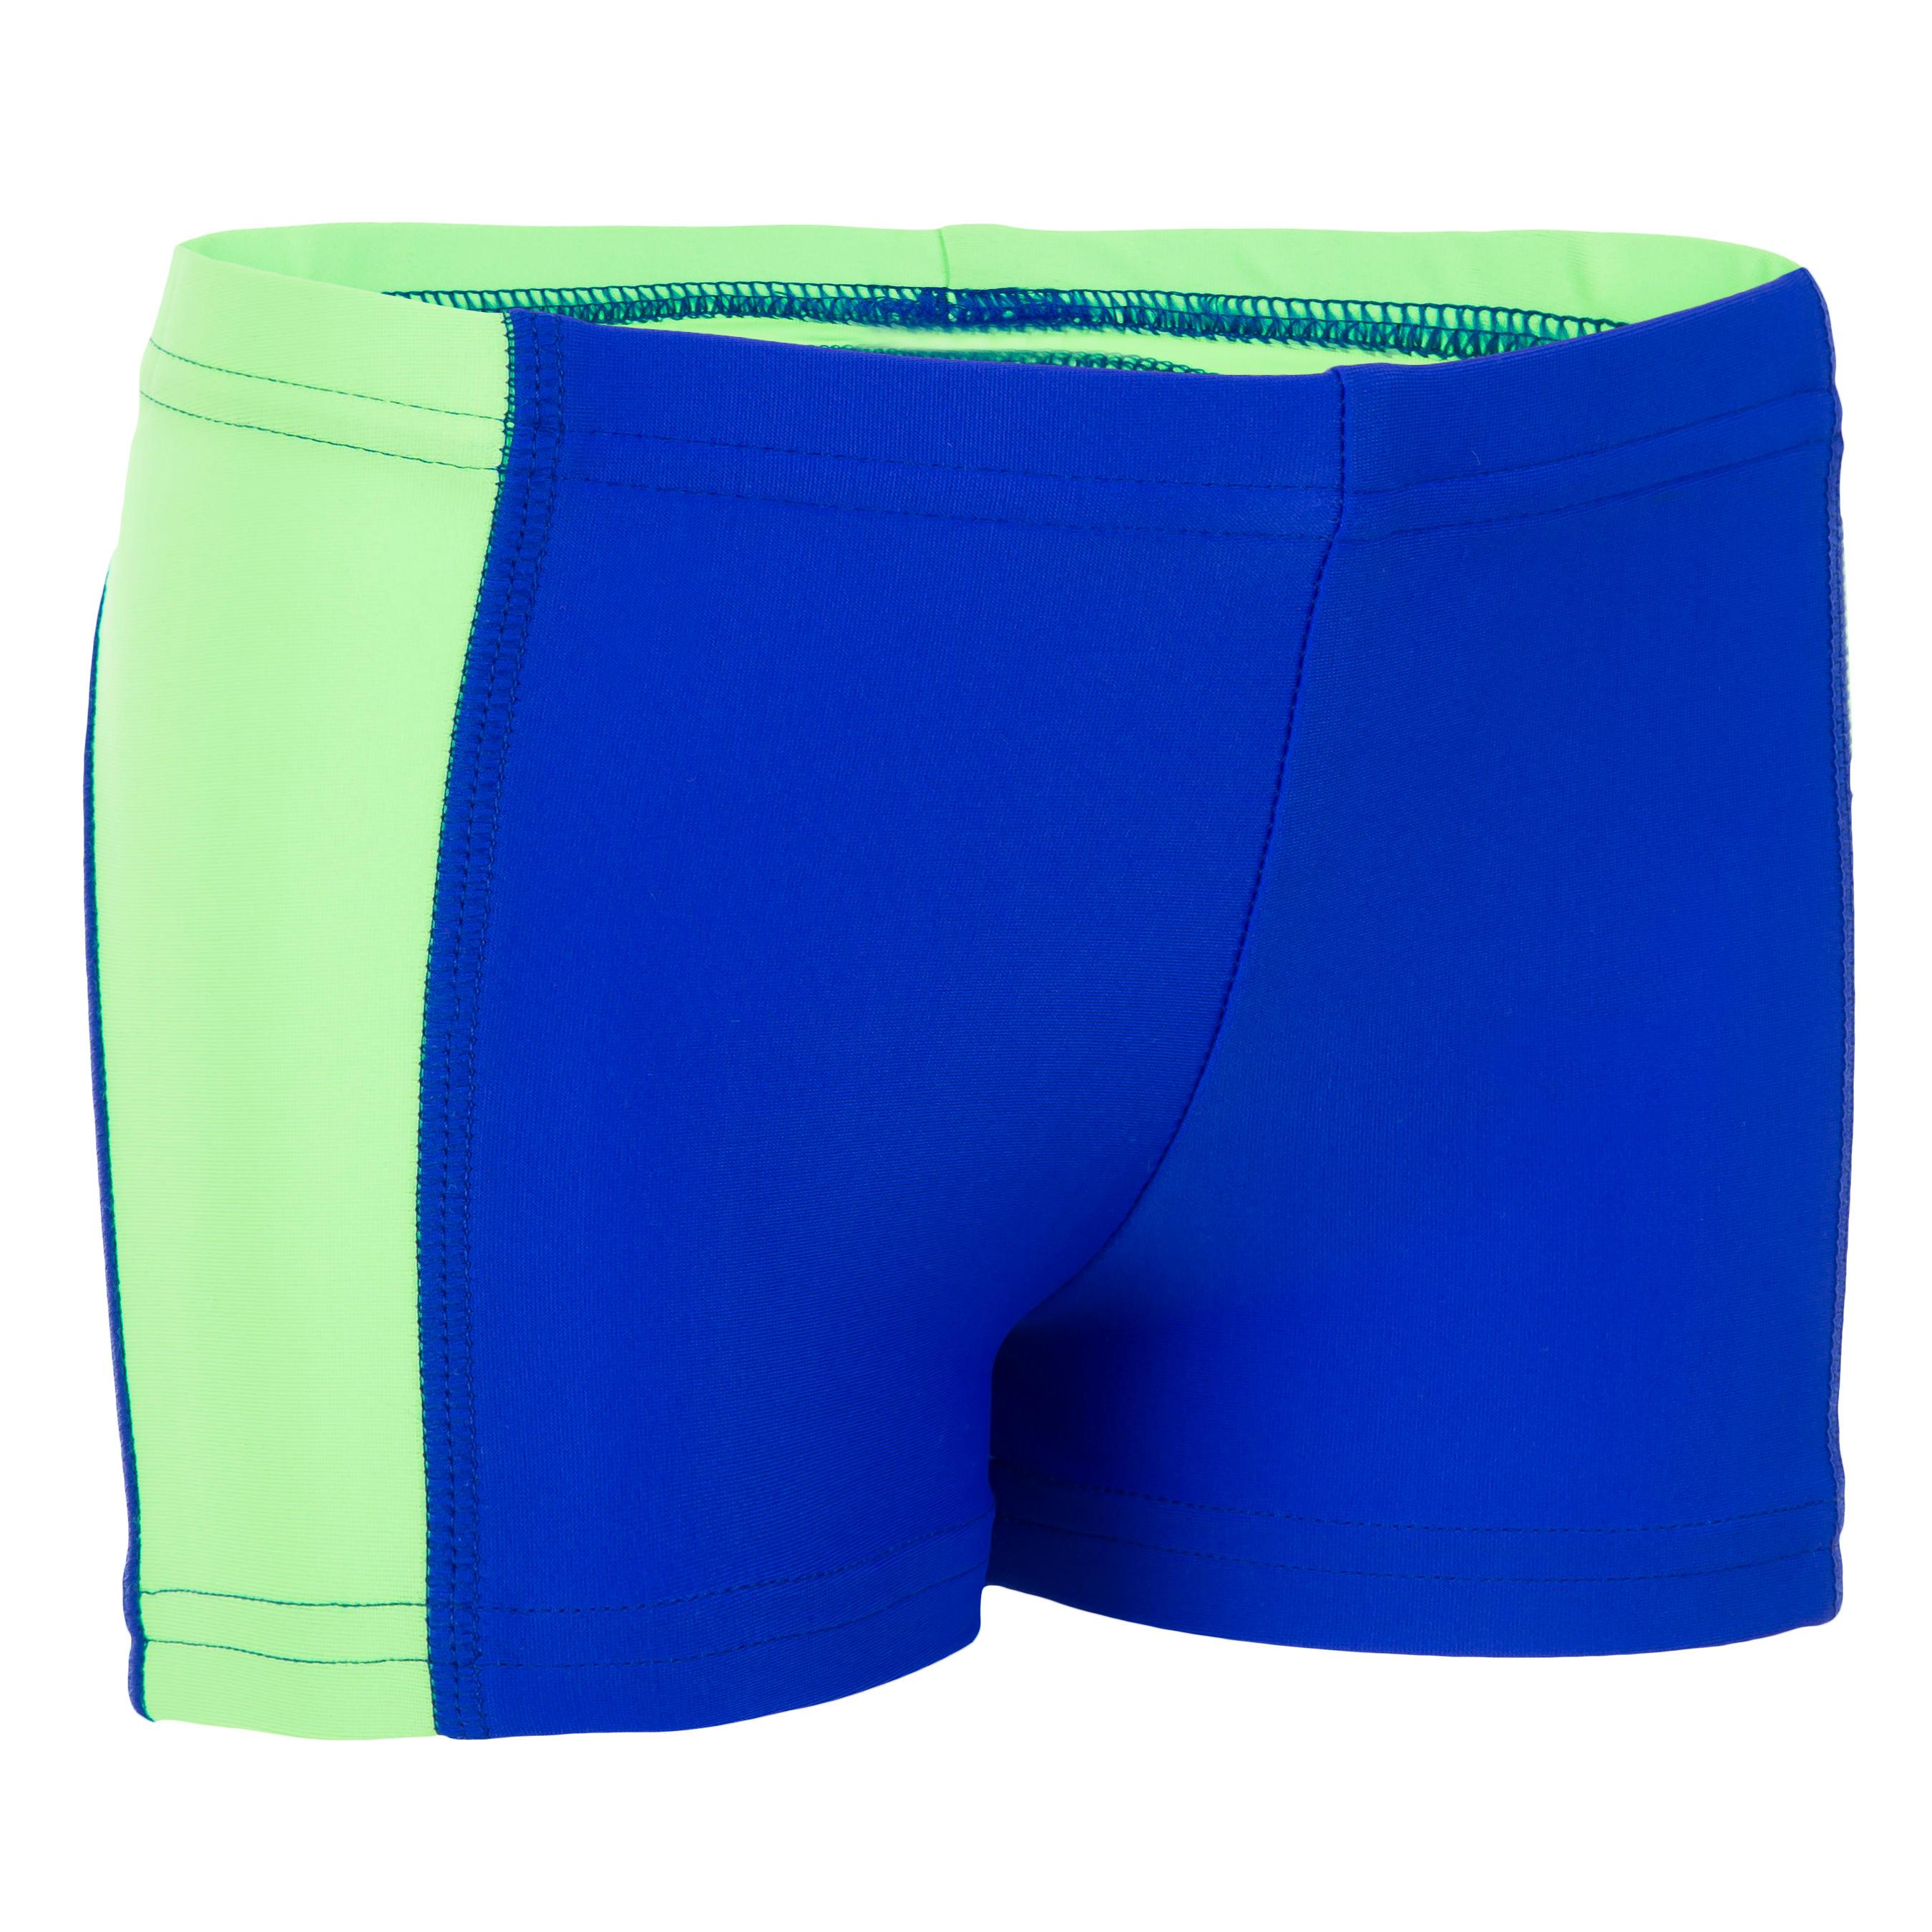 Titou Baby Boys' Boxer-Style Swim Shorts - Yoke Blue Green